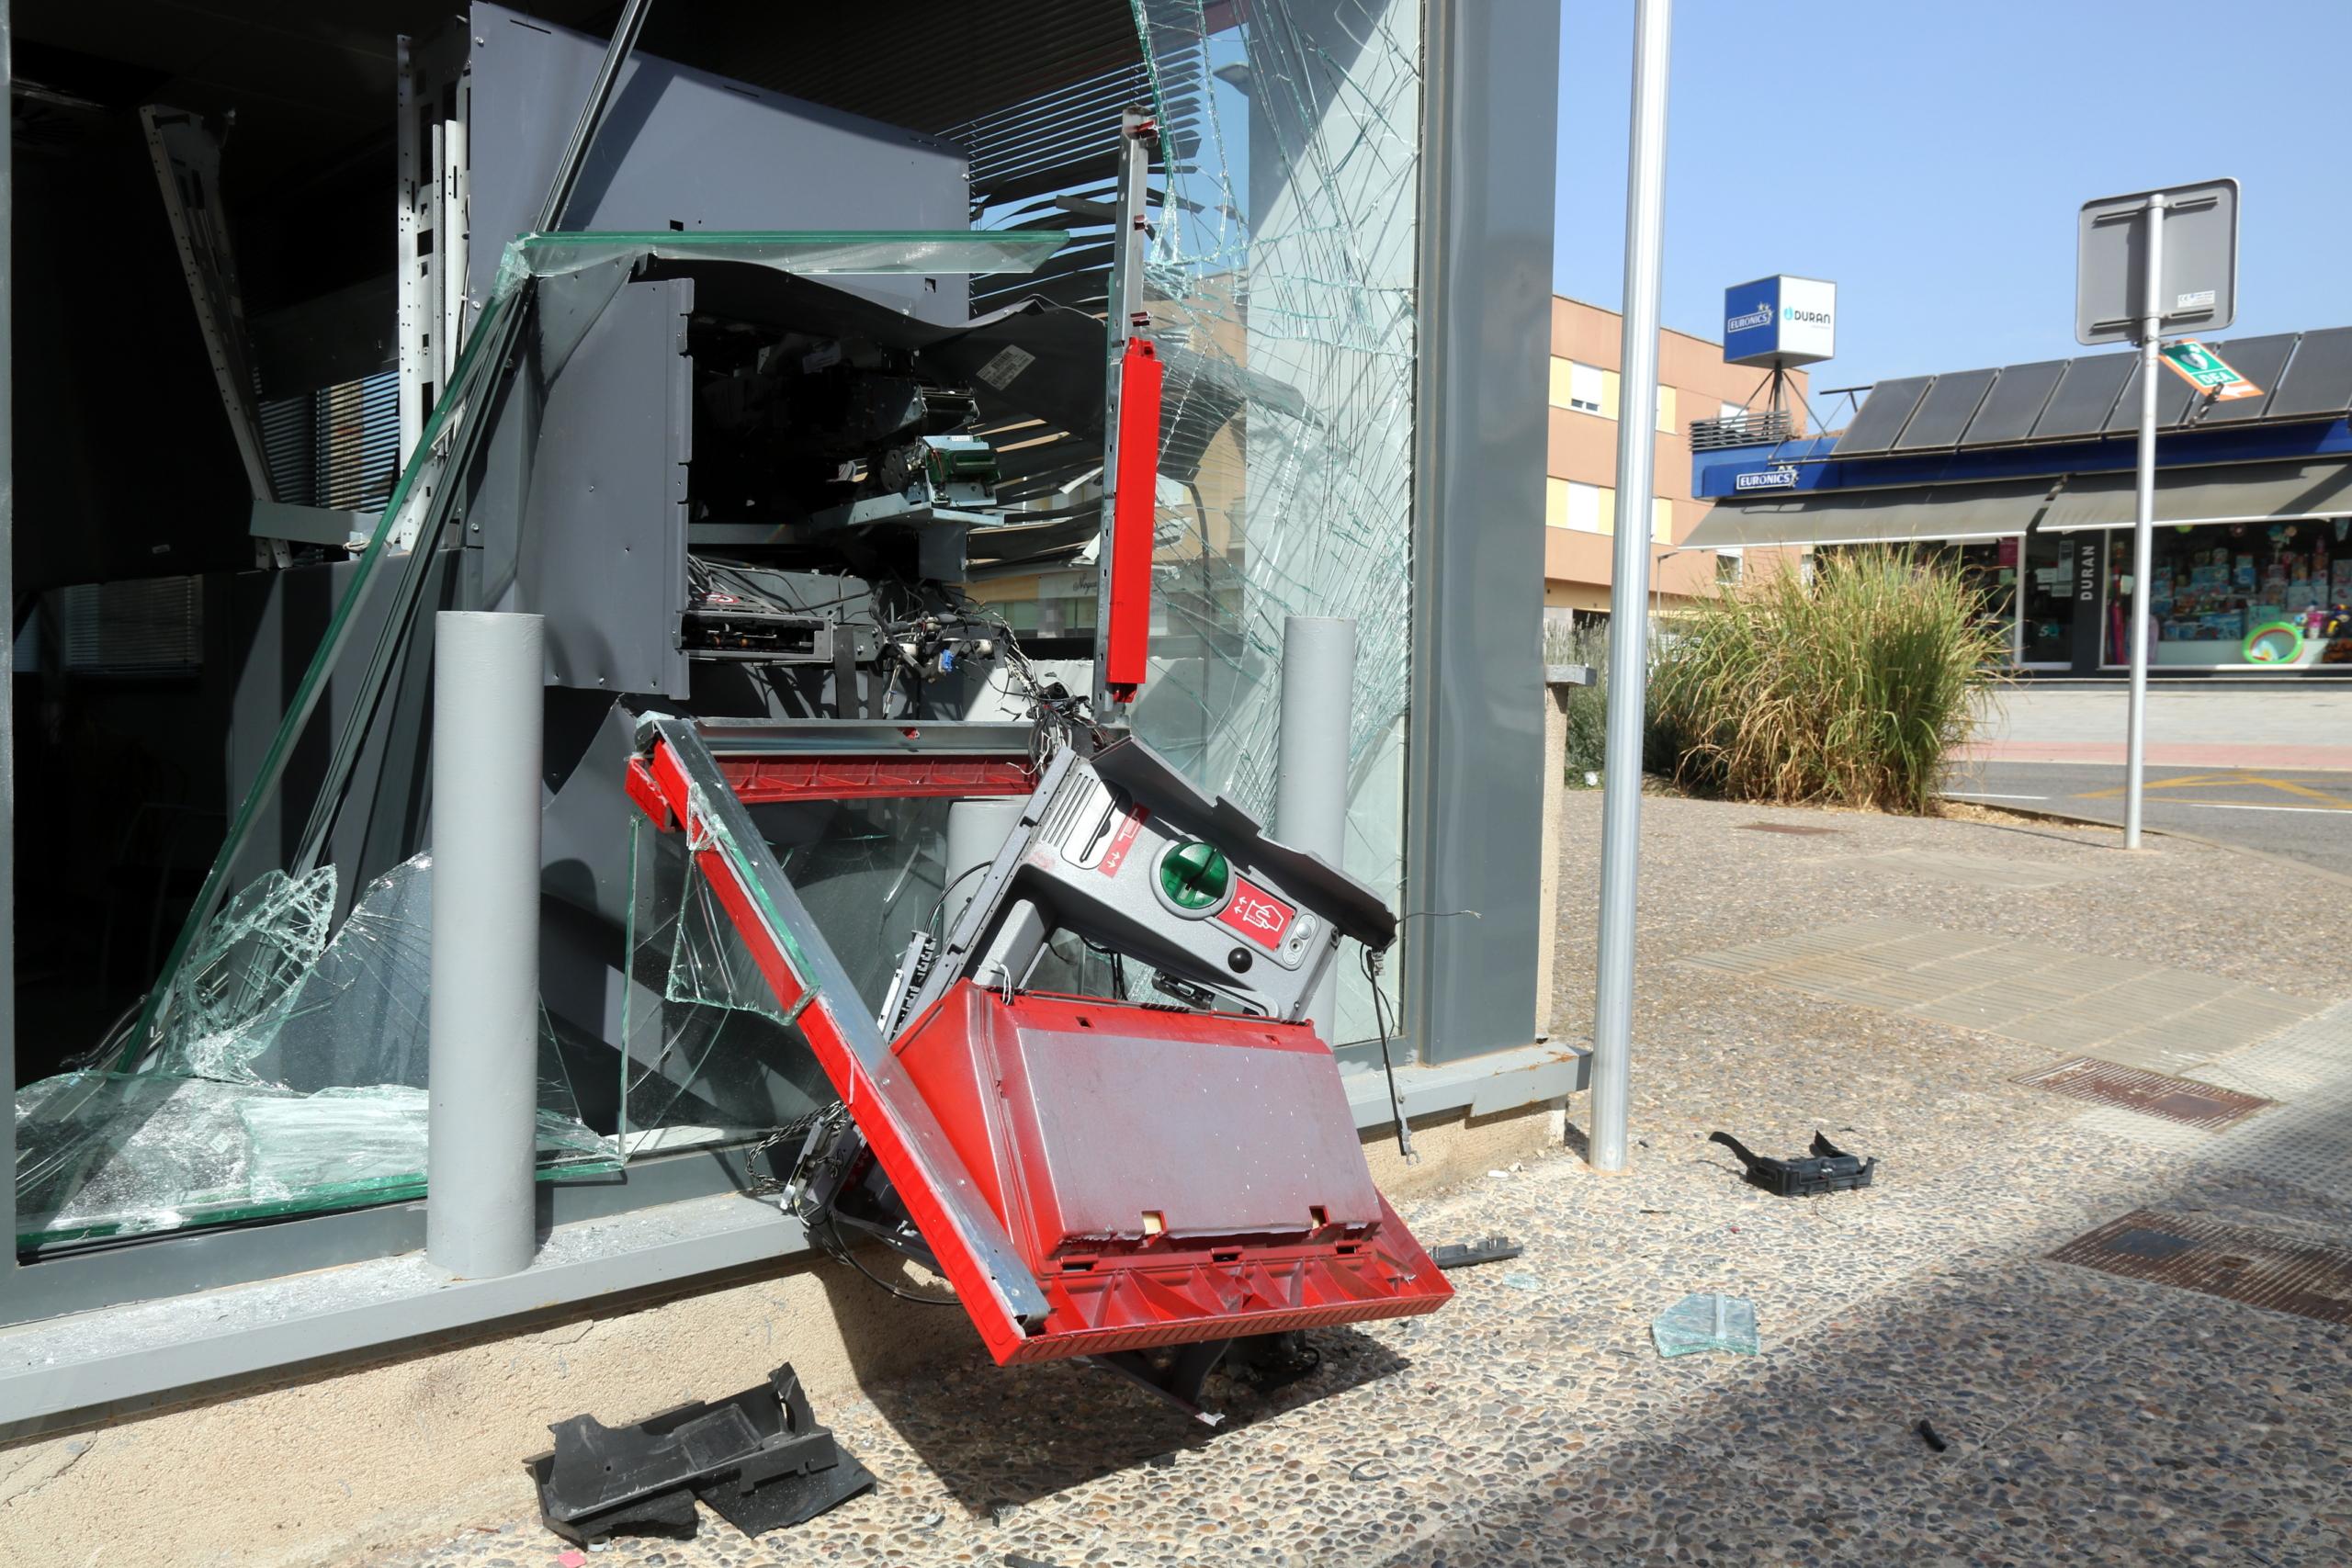 El caixer de la sucursal bancària del Santander a Riudellots de la Selva, totalment destrossat / ACN